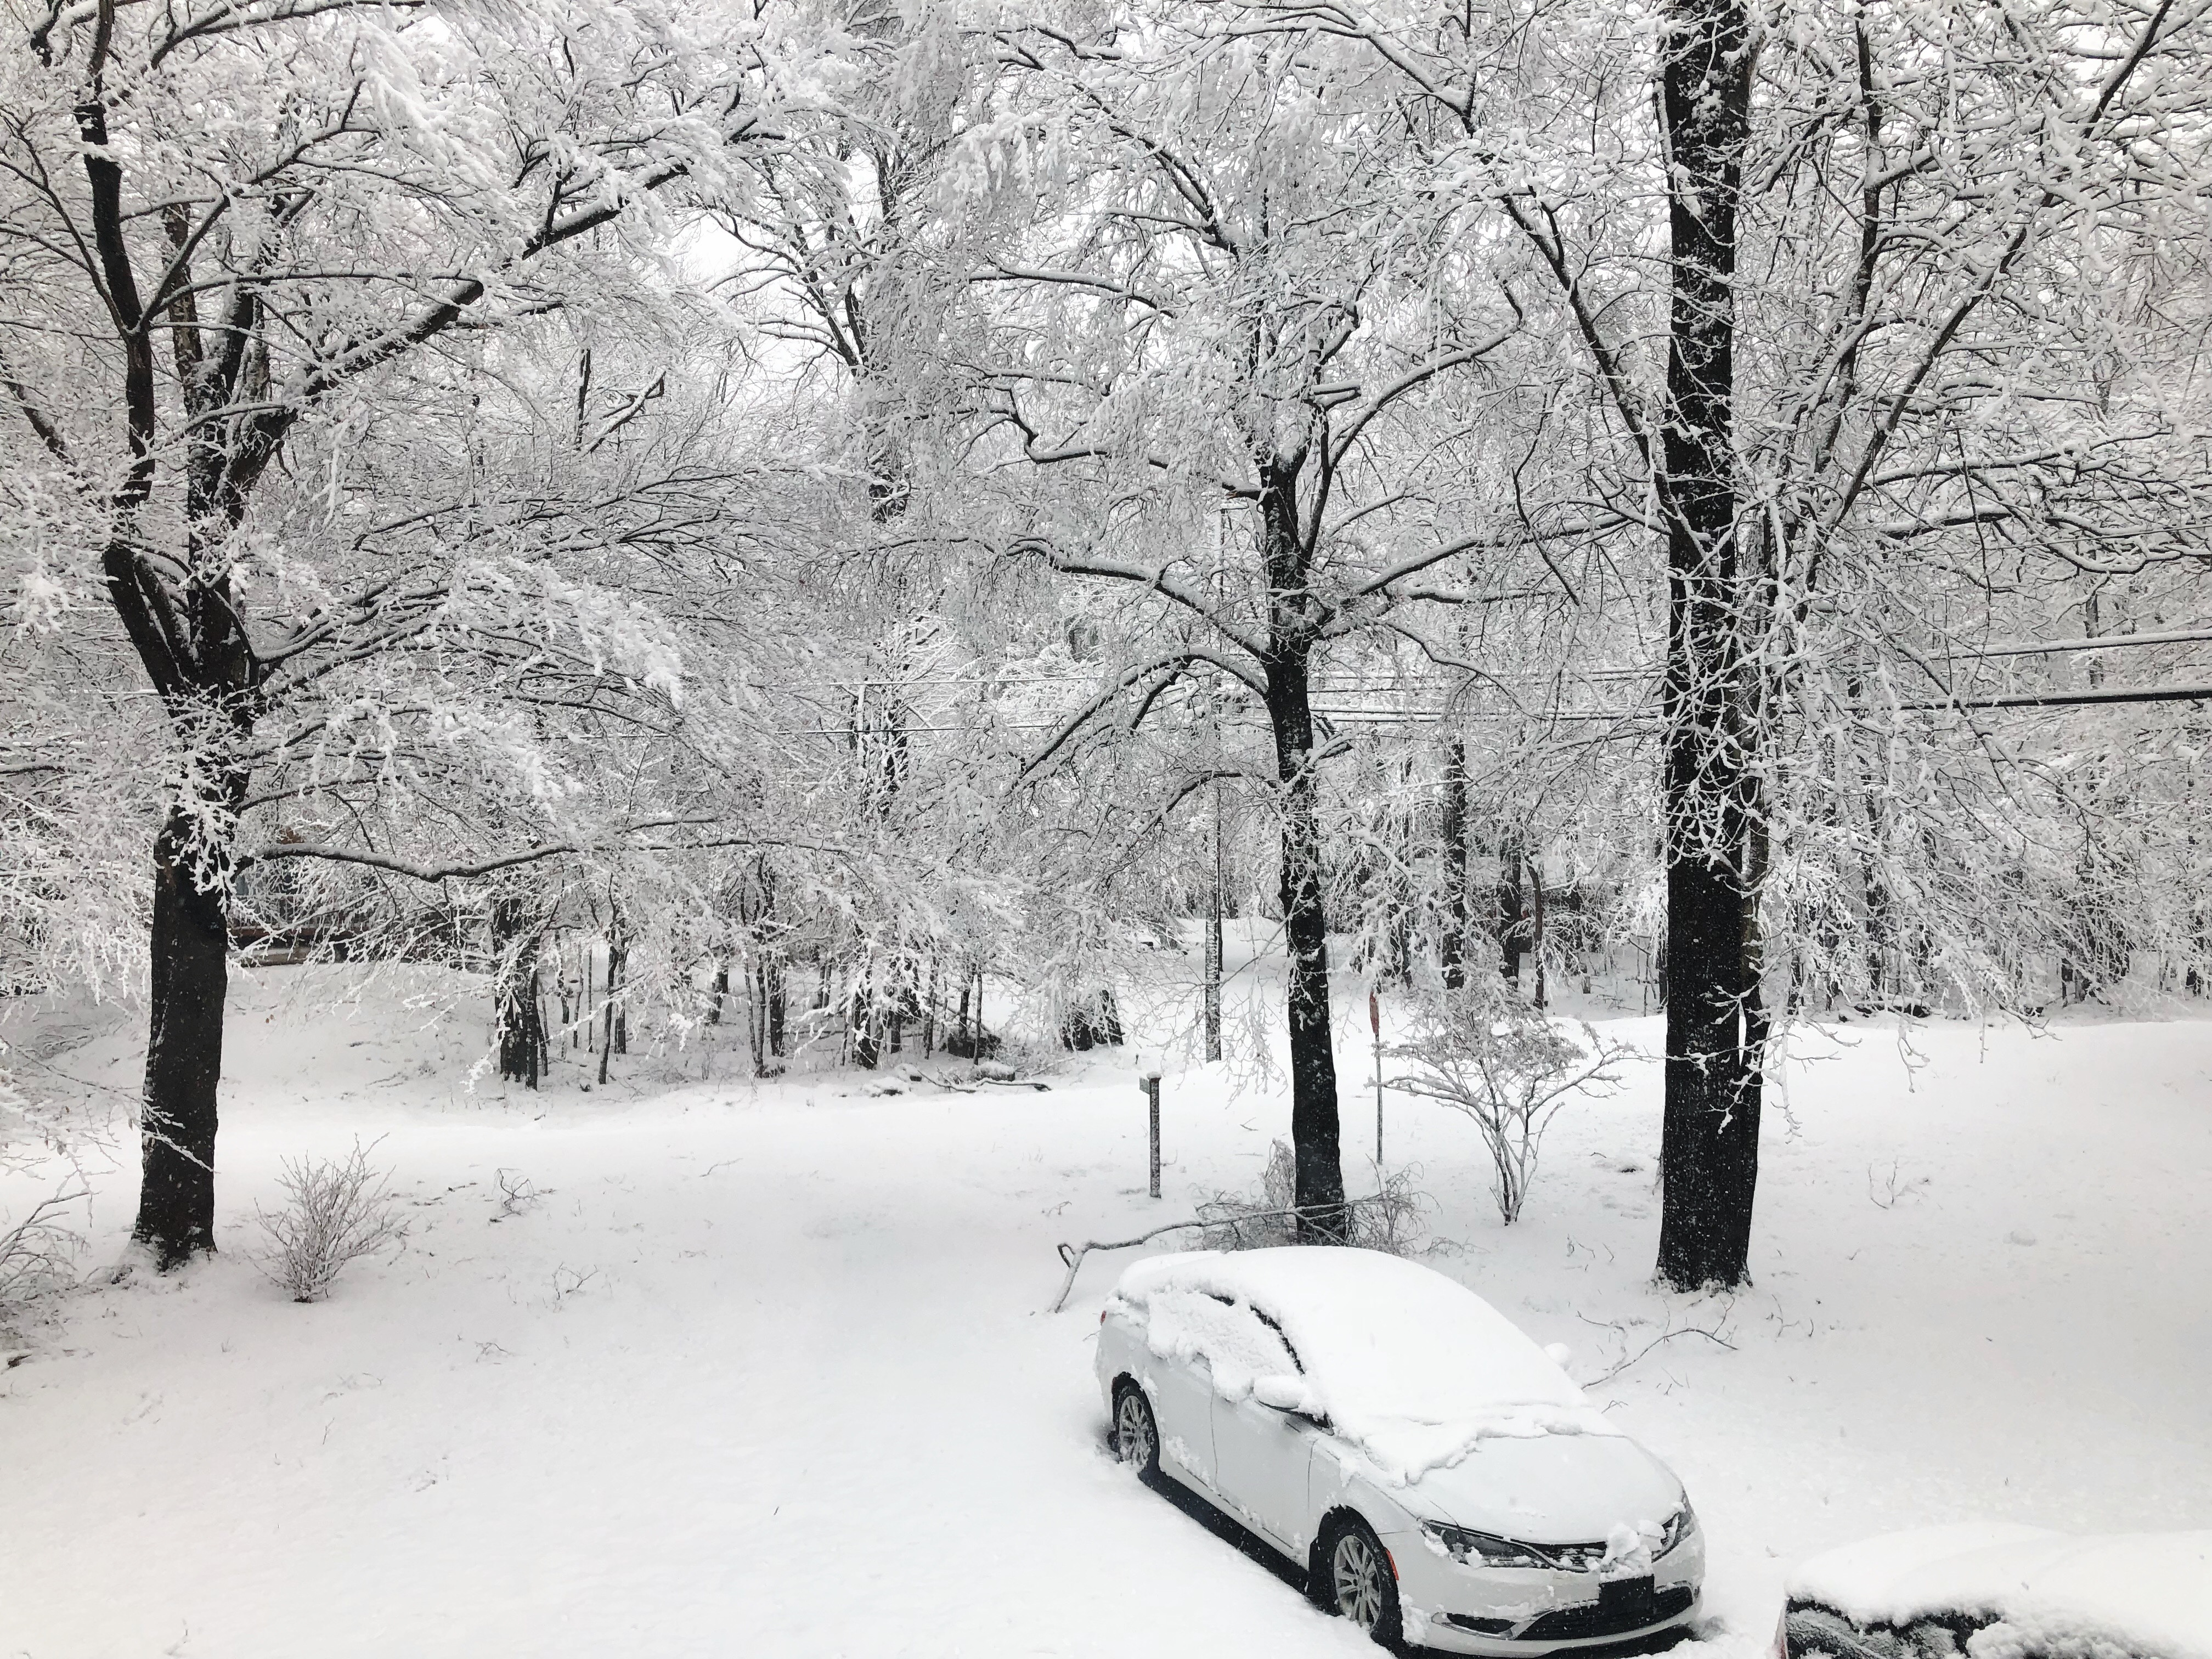 Winter in the Poconos